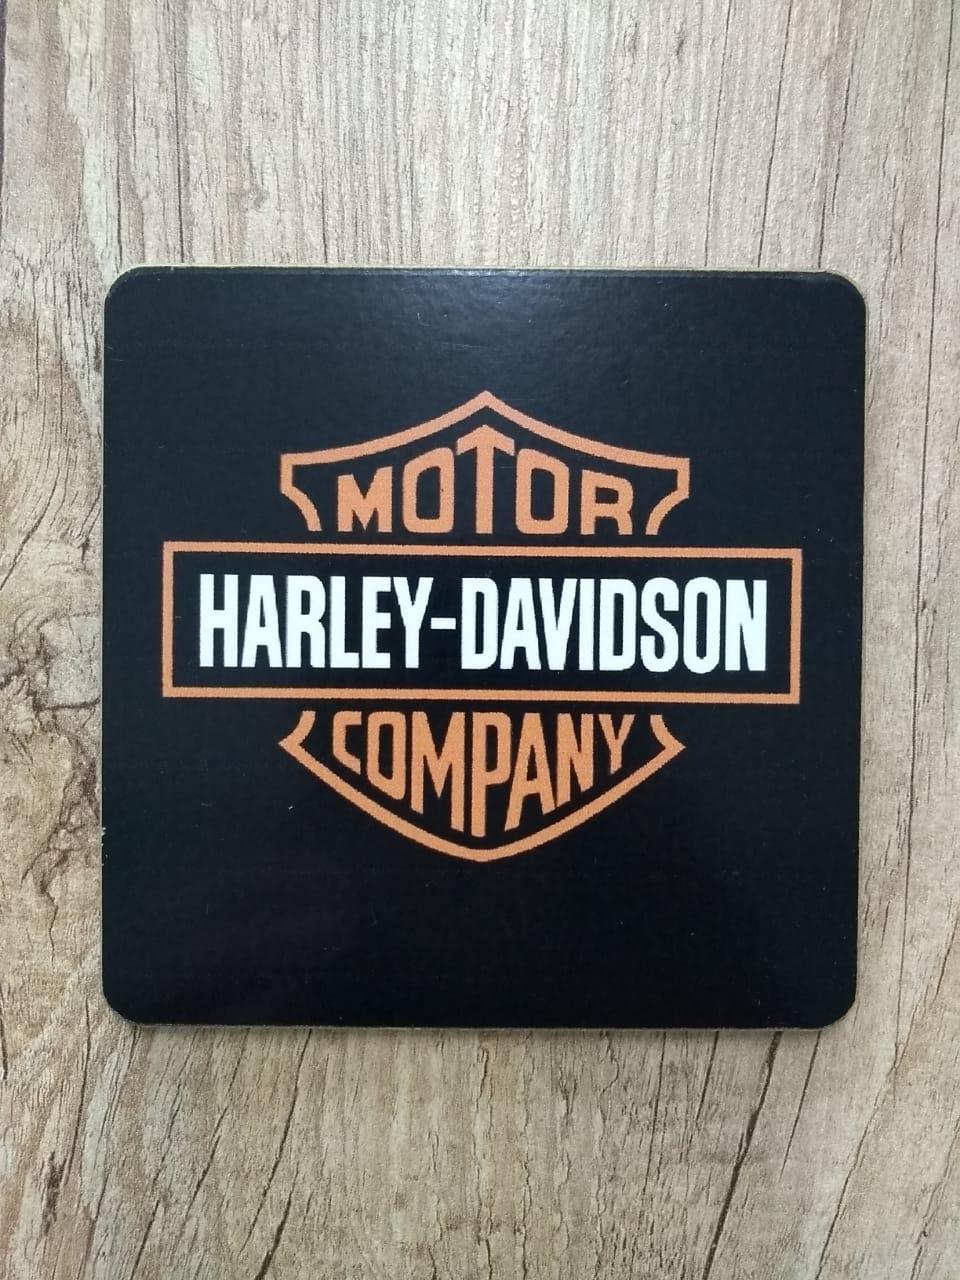 Porta Copos Artesanal em Madeira - Motivo Harley-Davidson - Quadrados - 6 unid - 022/15785